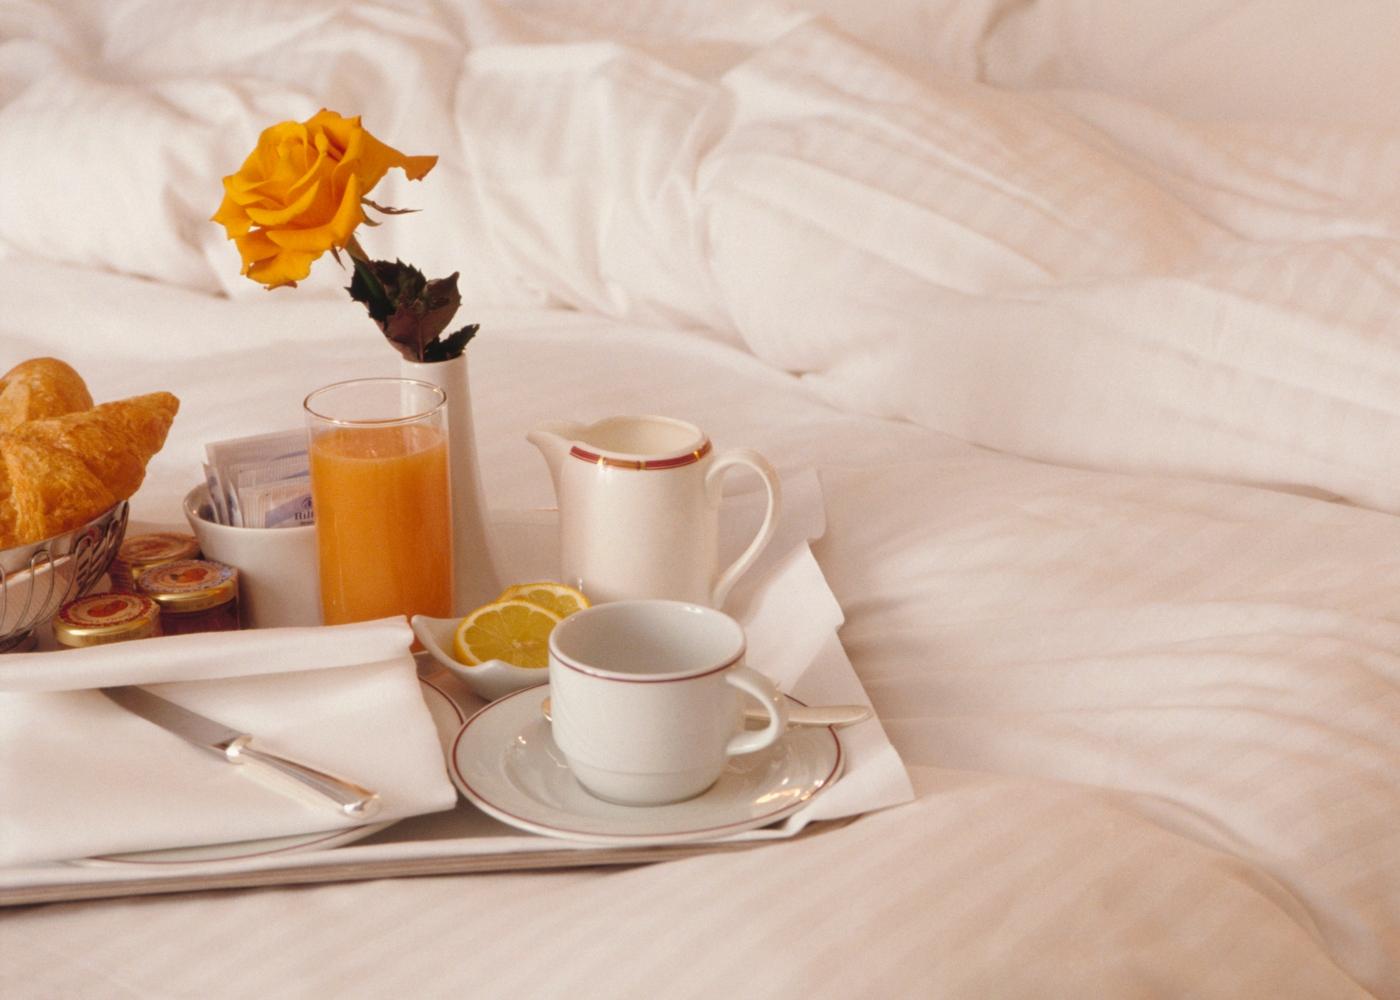 Ideias para o Dia do Pai: pequeno-almoço na cama